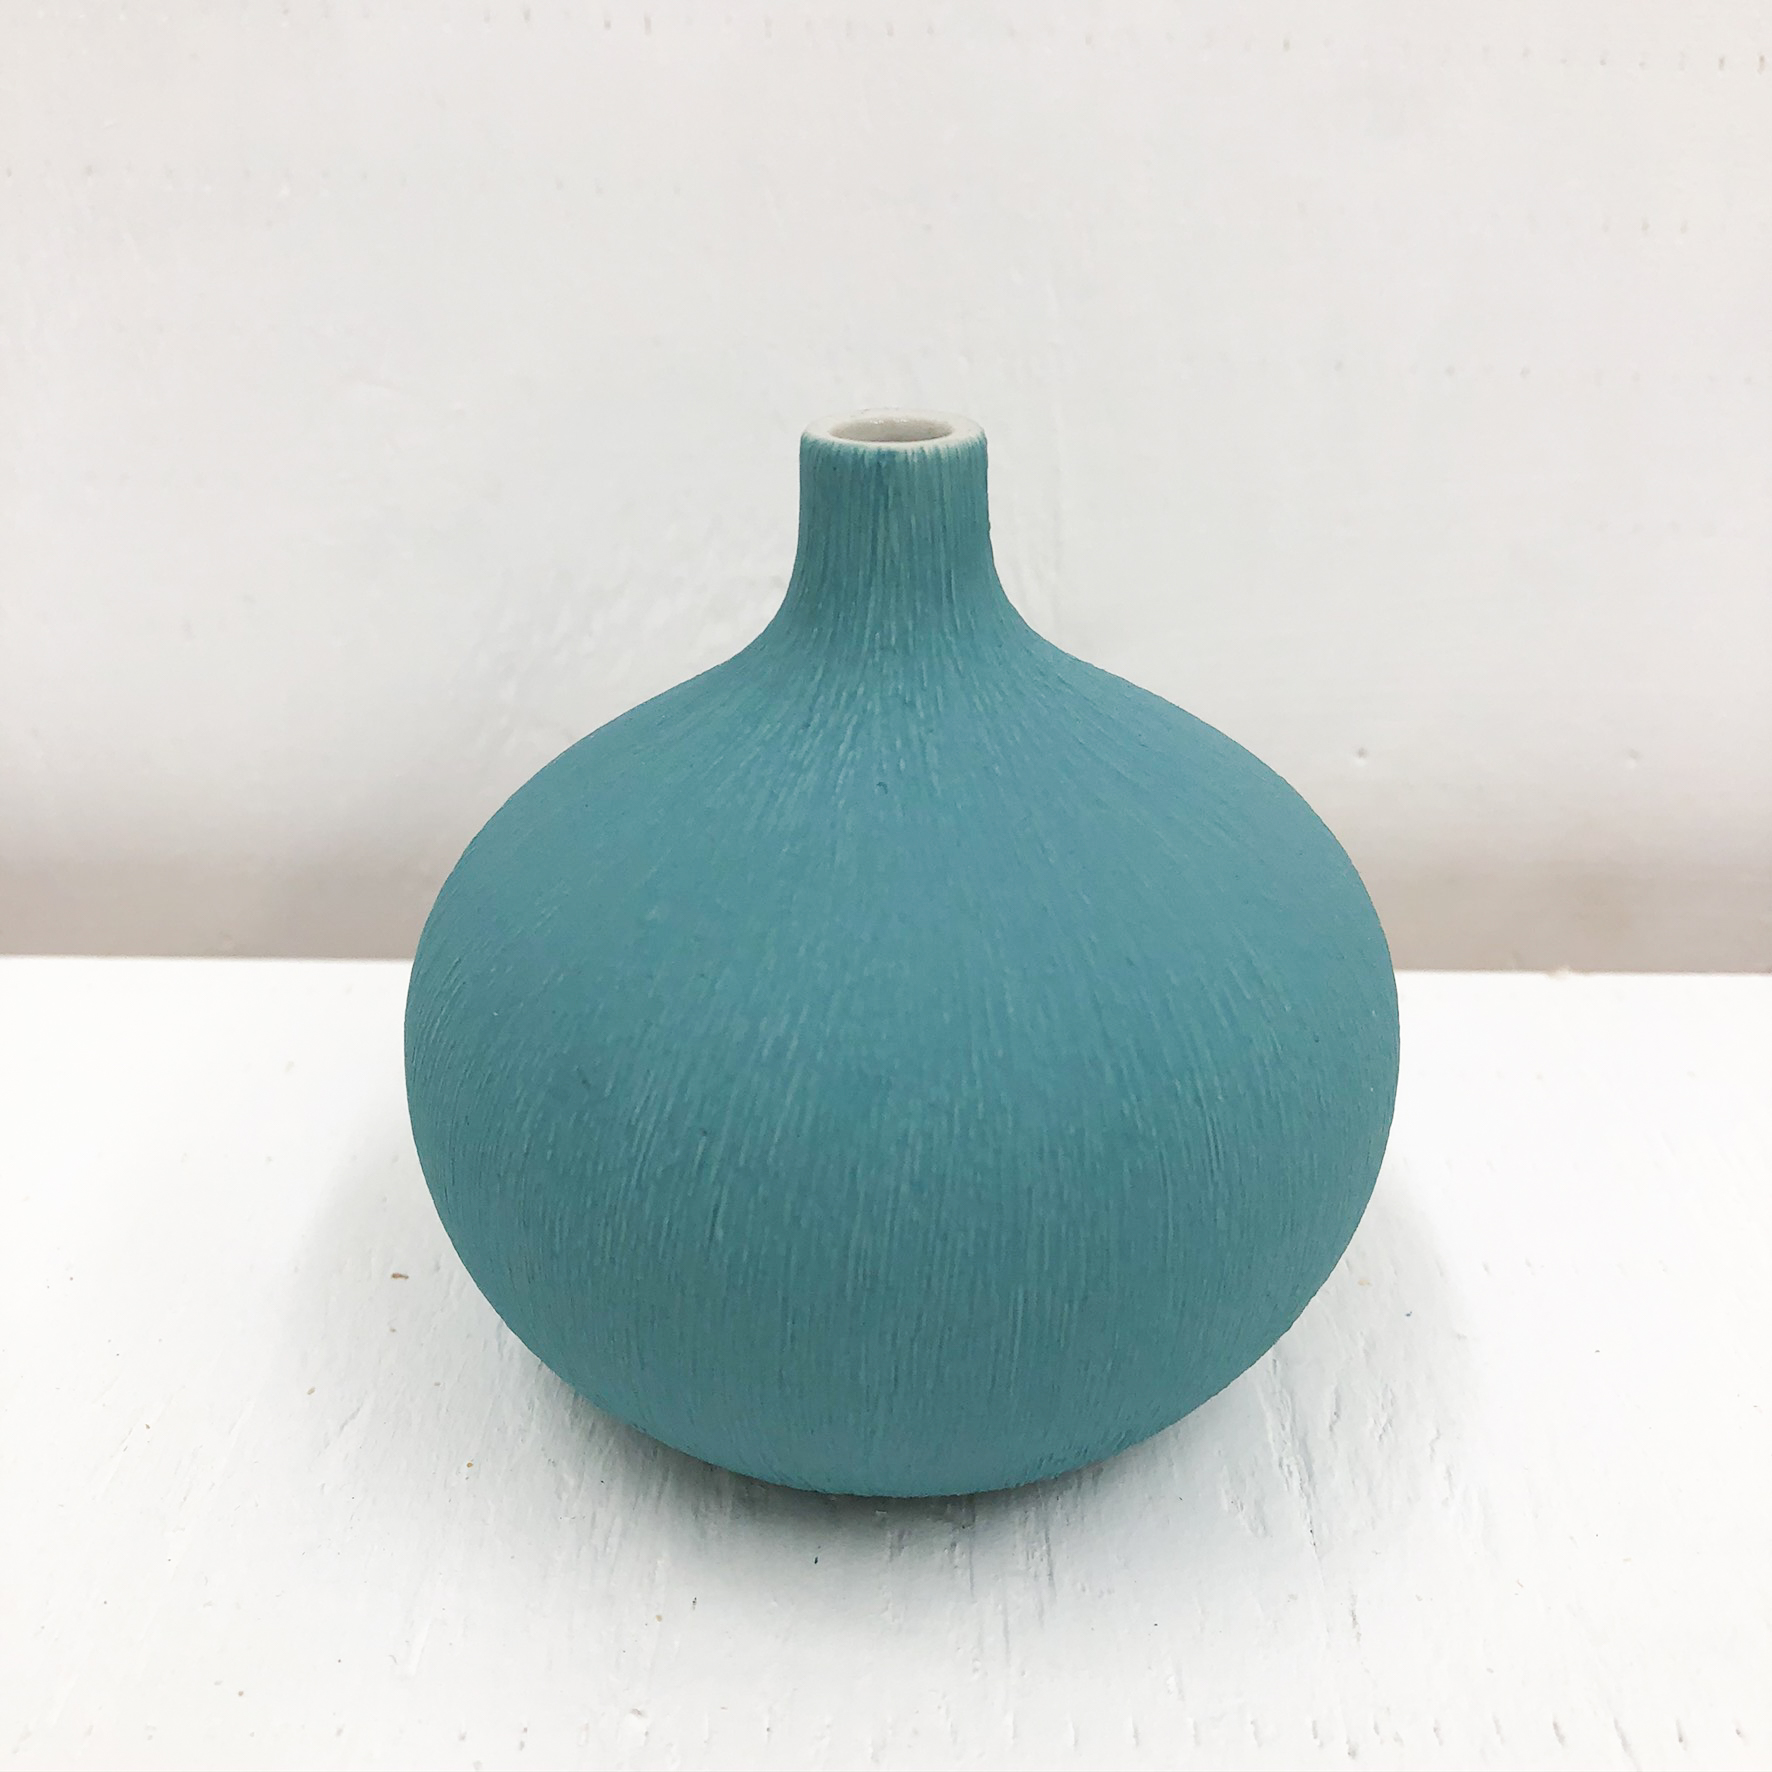 Congo Tiny L Handmade Vase - Sky